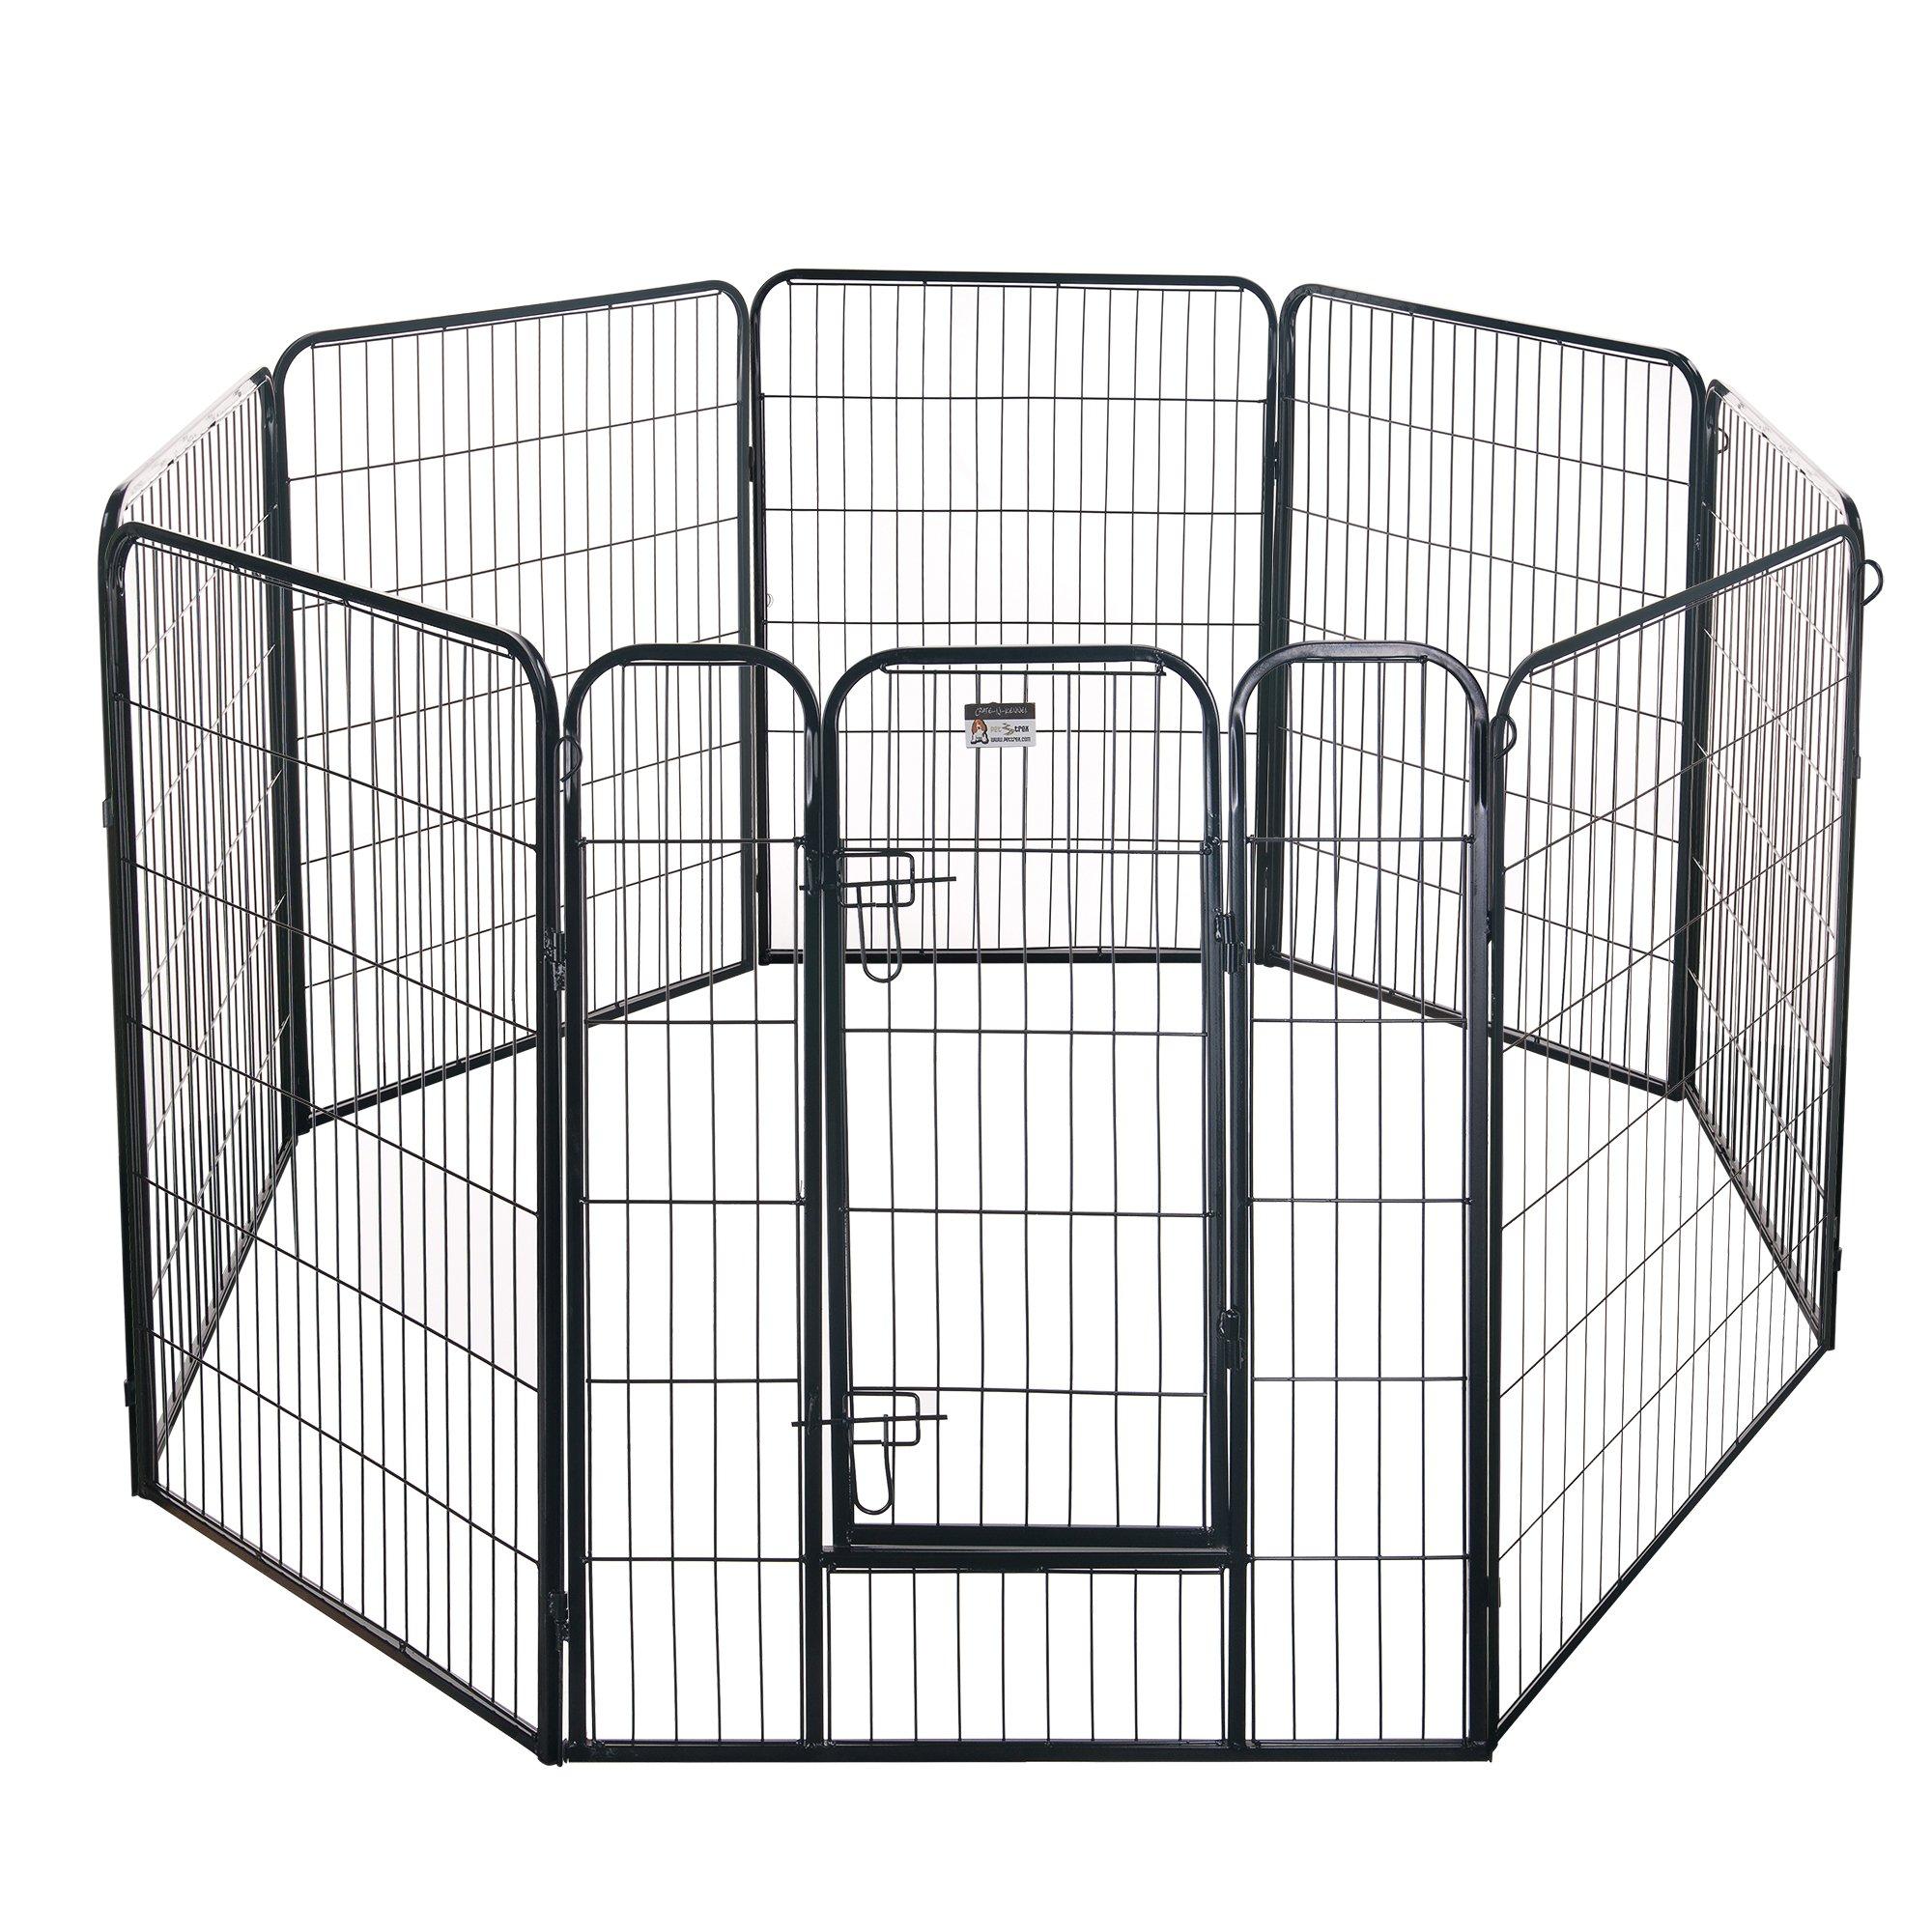 Pet Trex 2345 40 Inch Black Playpen Heavy Duty Playpen for Indoor and Outdoor Use, 40'', Black